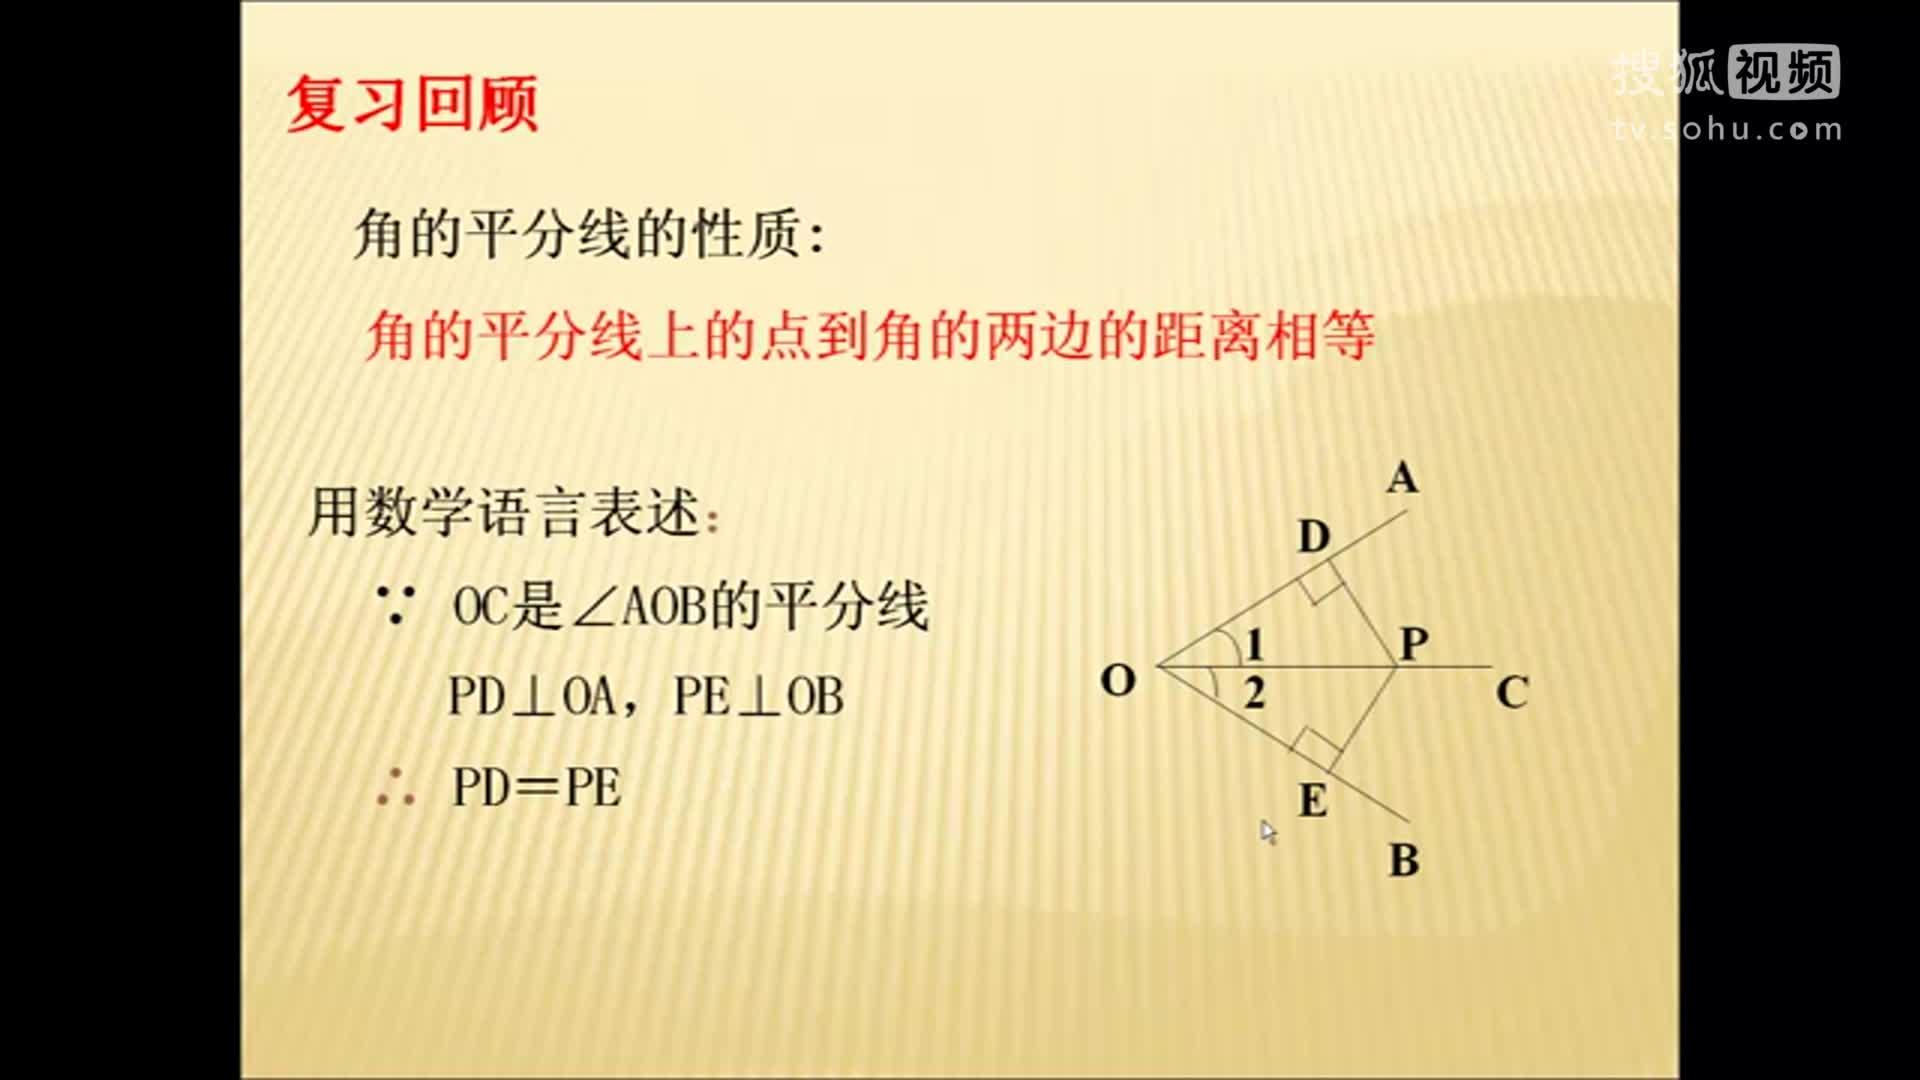 人教版 八年级数学上册 12.3角的平分线性质-视频微课堂